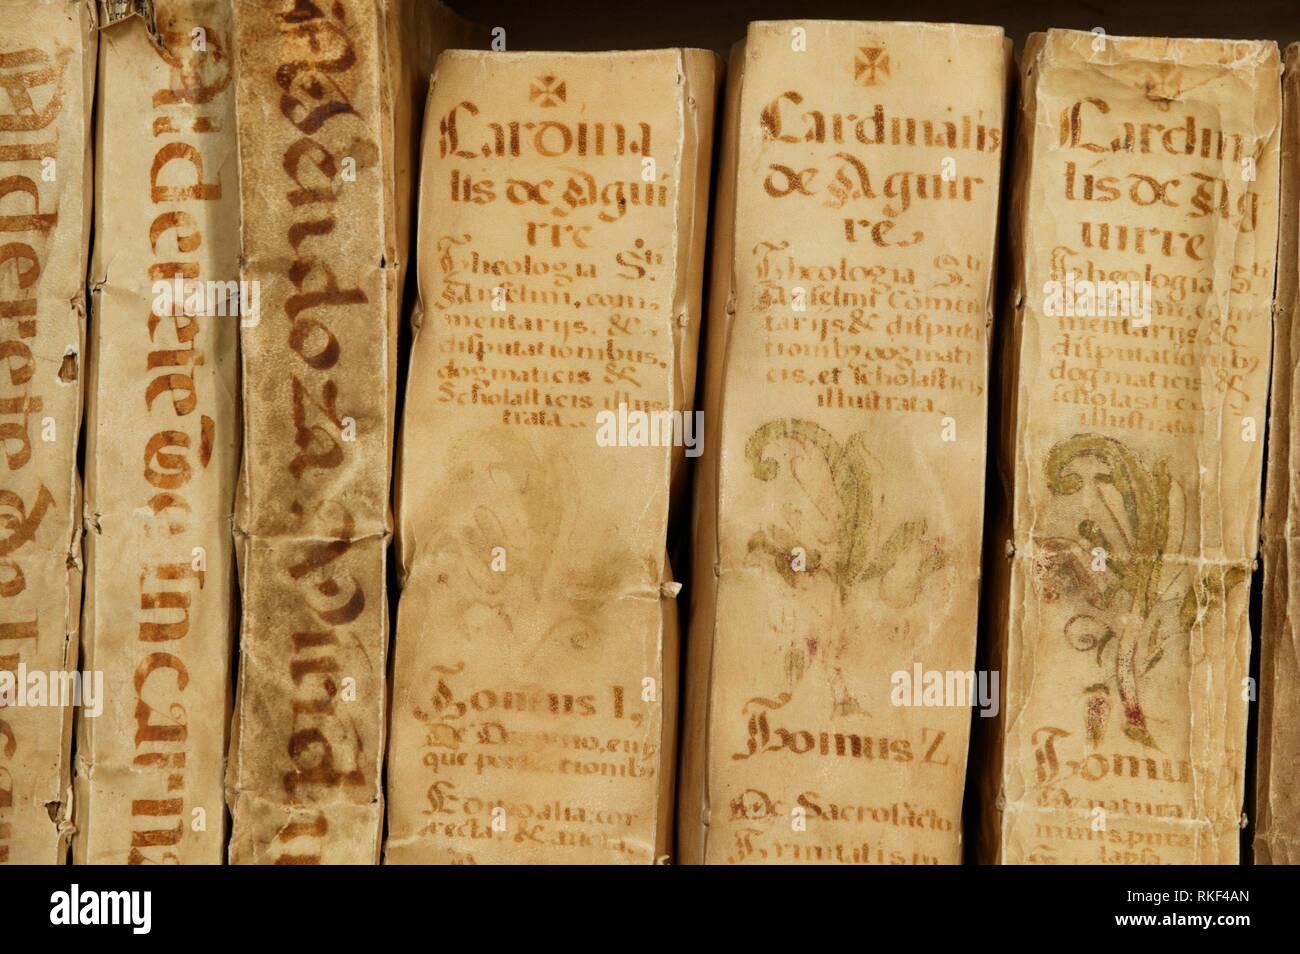 13th century codex in Yuso monastery. San Millan de la Cogolla. La Rioja. Spain. Way to Santiago. Spain. - Stock Image